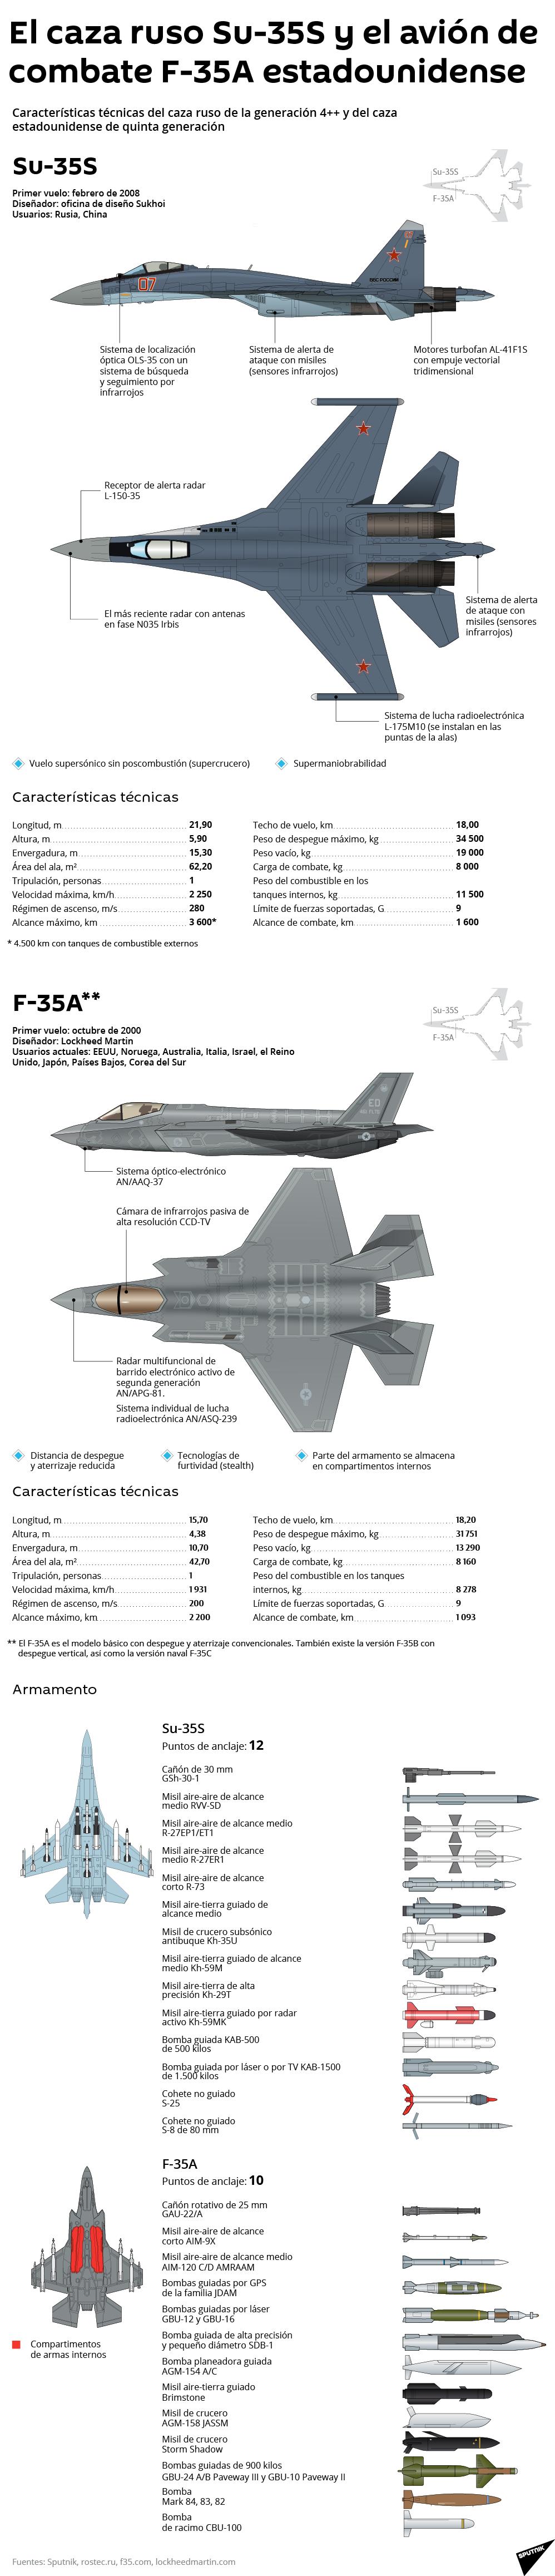 Su-35S de Rusia y el F-35A de EEUU - Sputnik Mundo